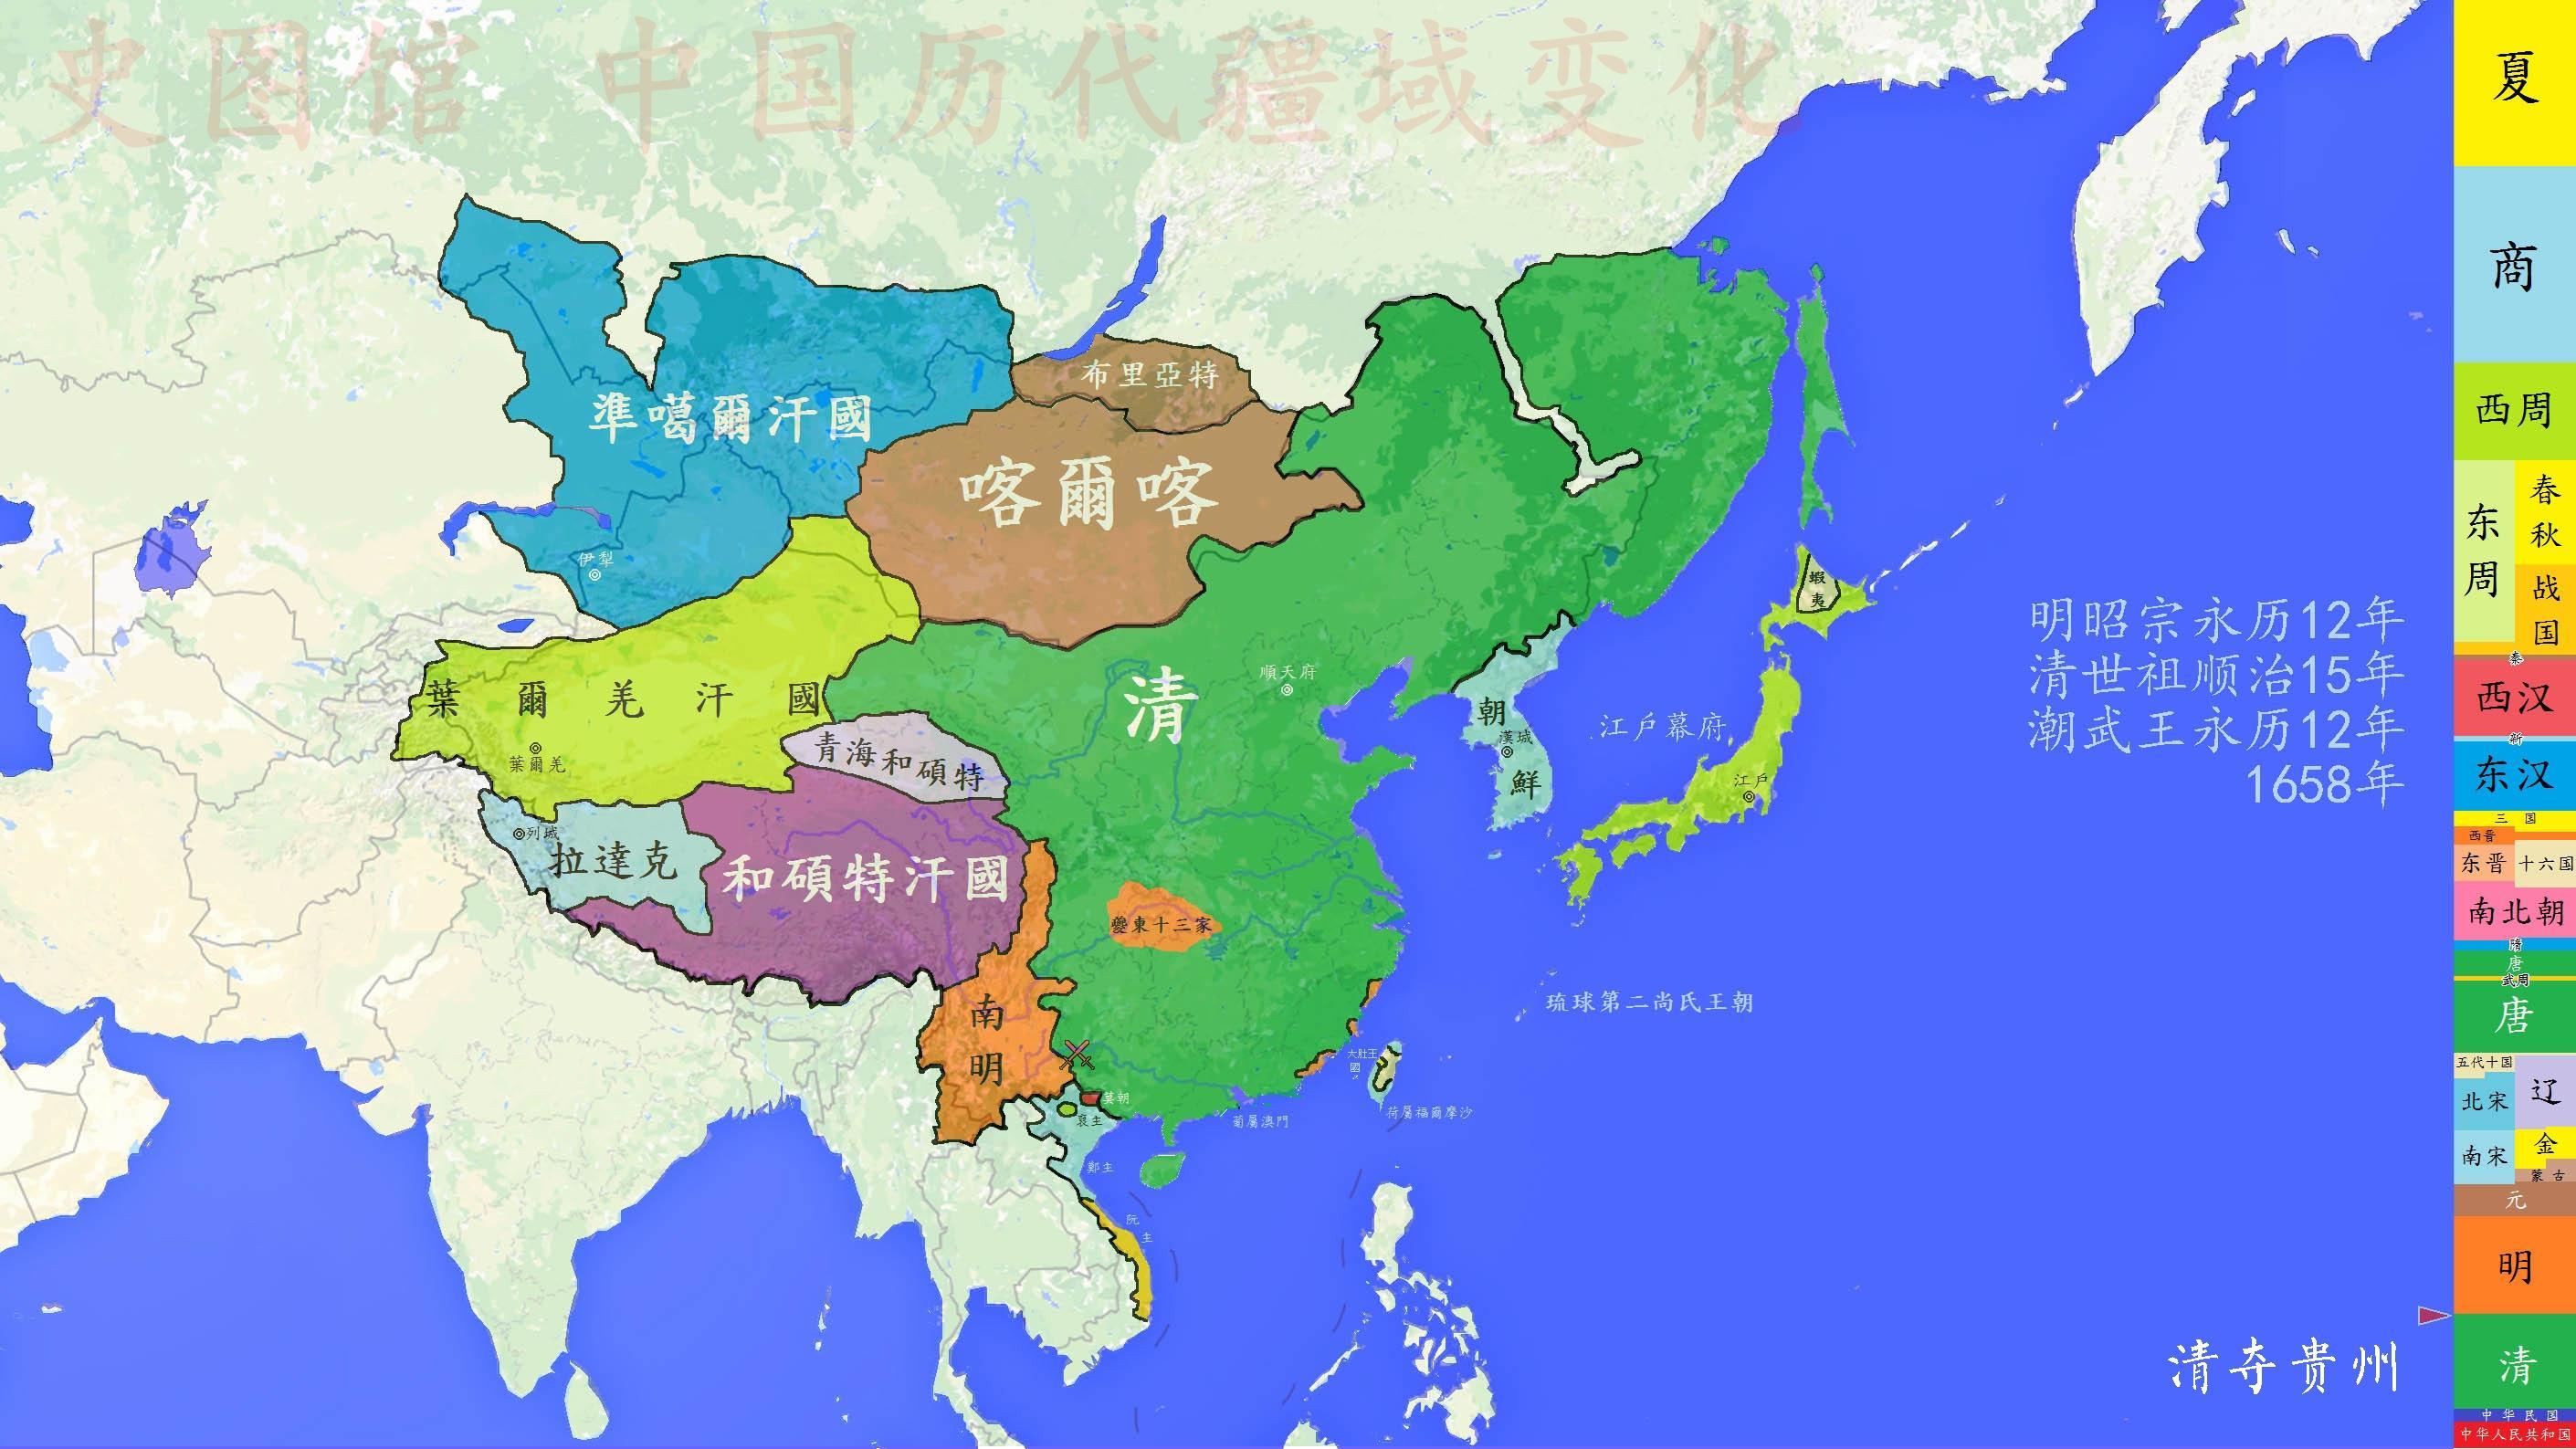 韩磊_【史图馆】中国历代疆域变化55 满清入关 南明内斗 - 知乎